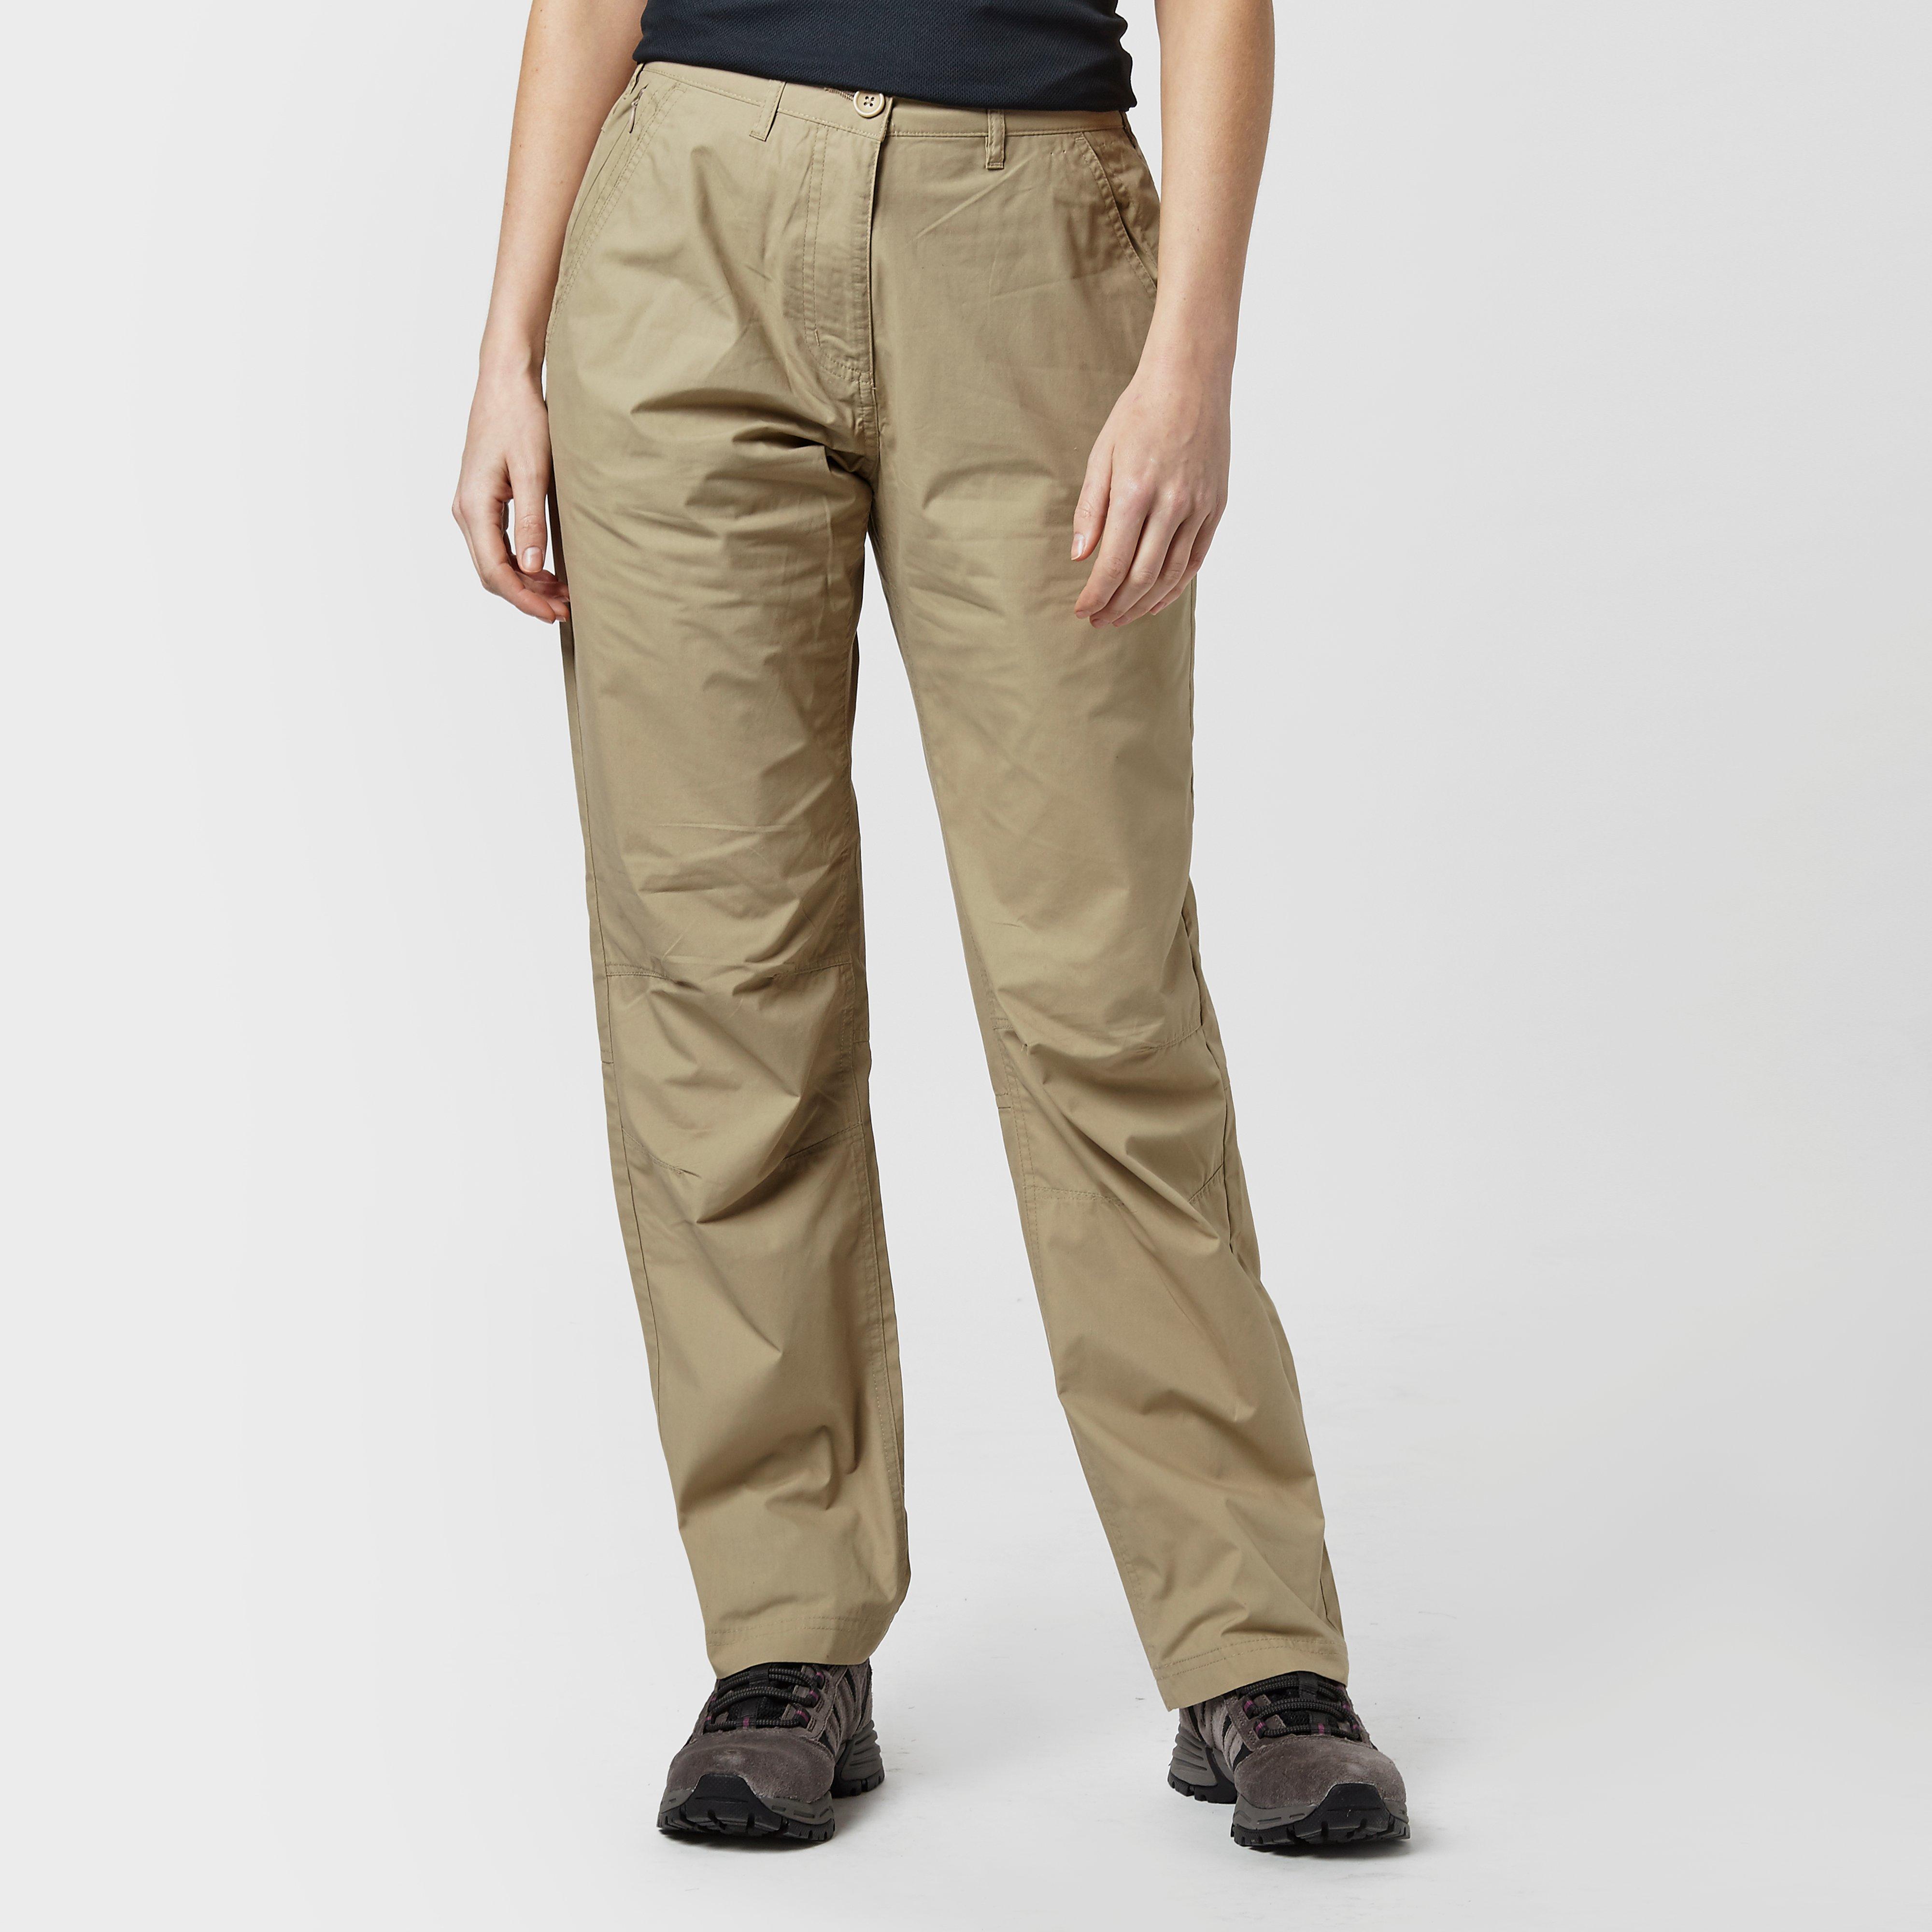 Peter Storm Womens Ramble Walking Trousers - Long - Beige/brown  Beige/brown